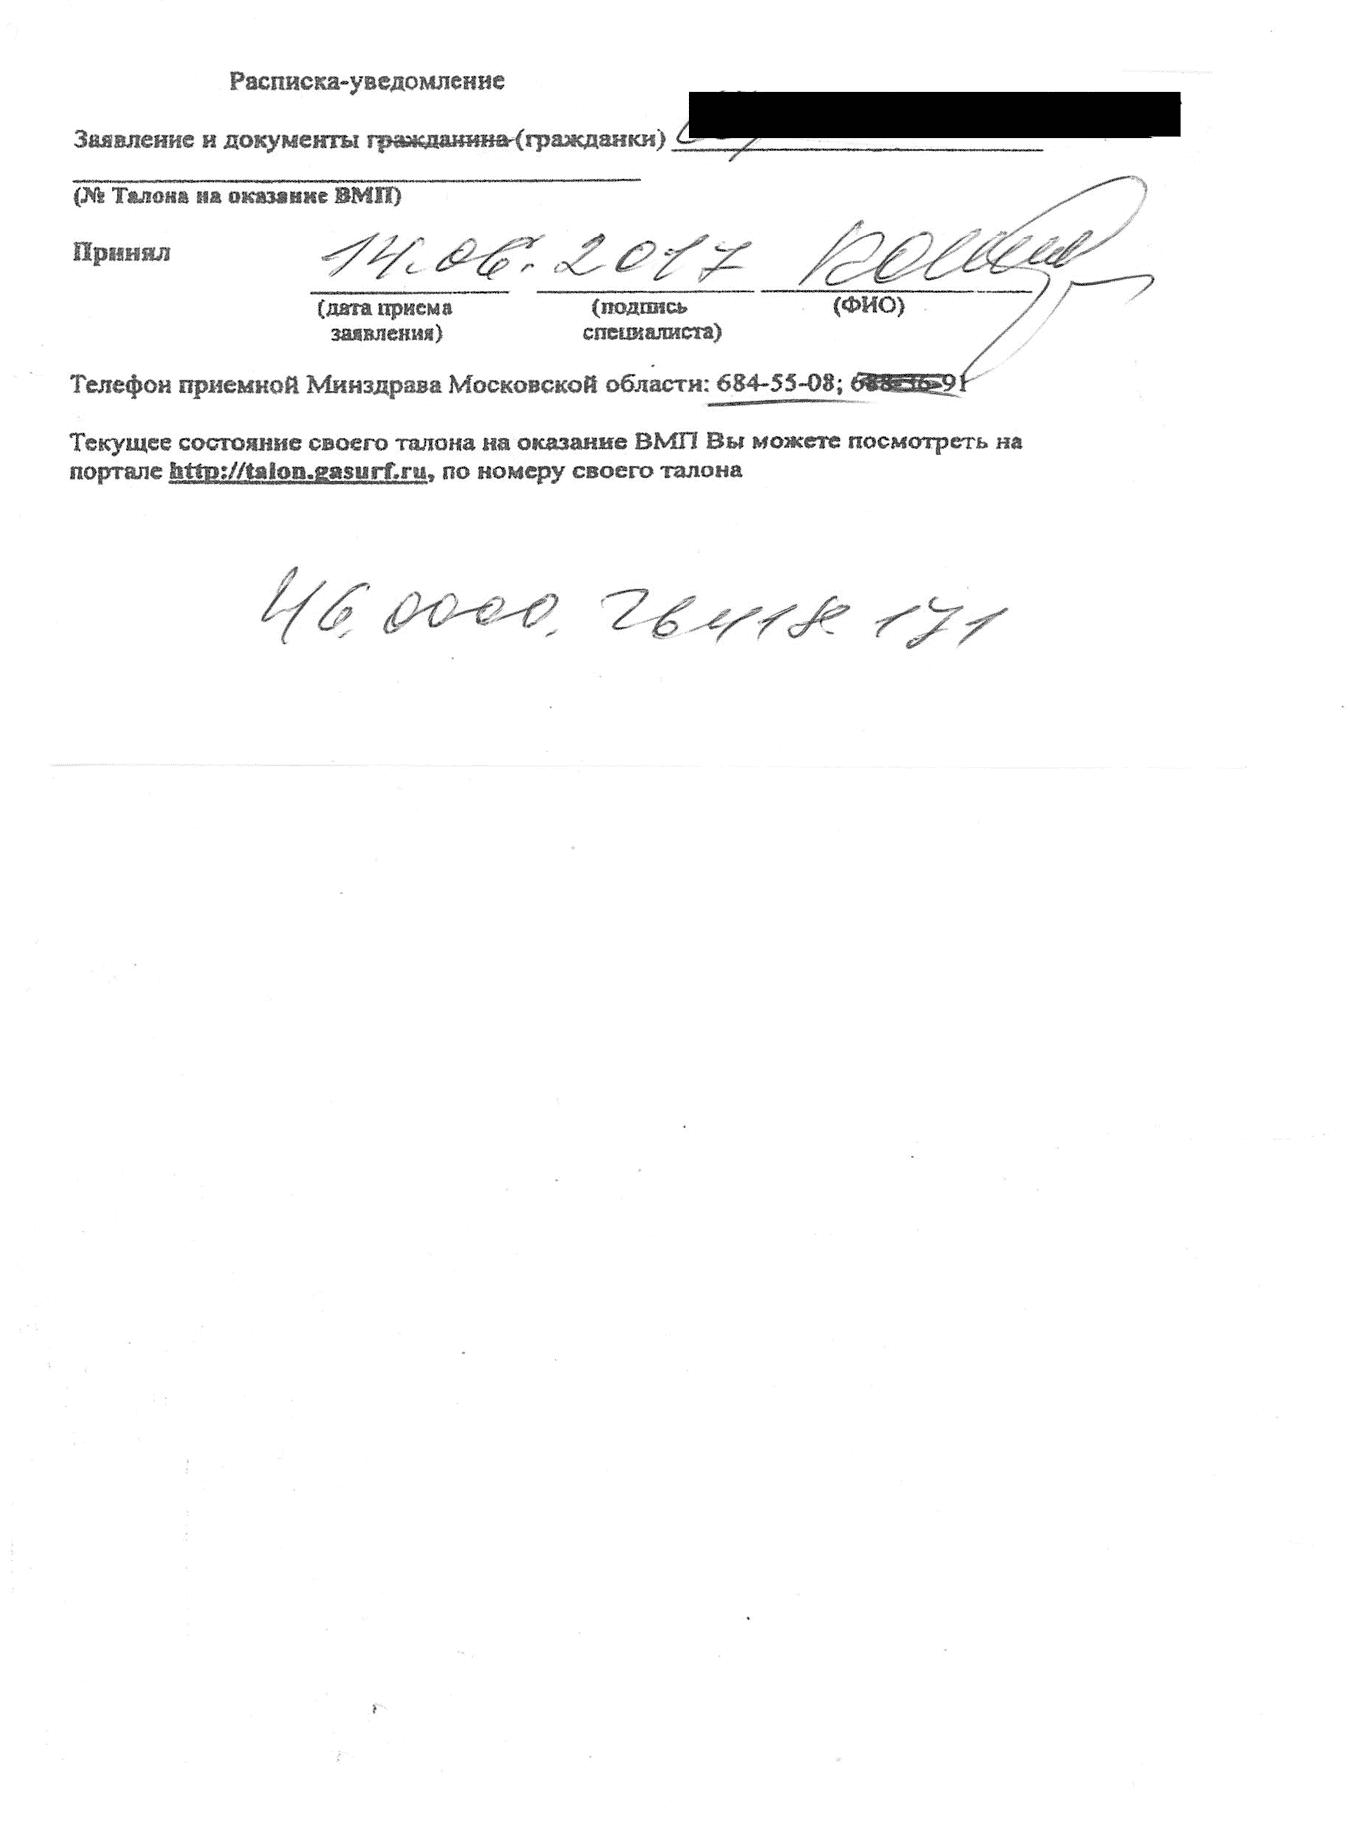 Так выглядит квота — это отрывной талон от протокола комиссии Минздрава